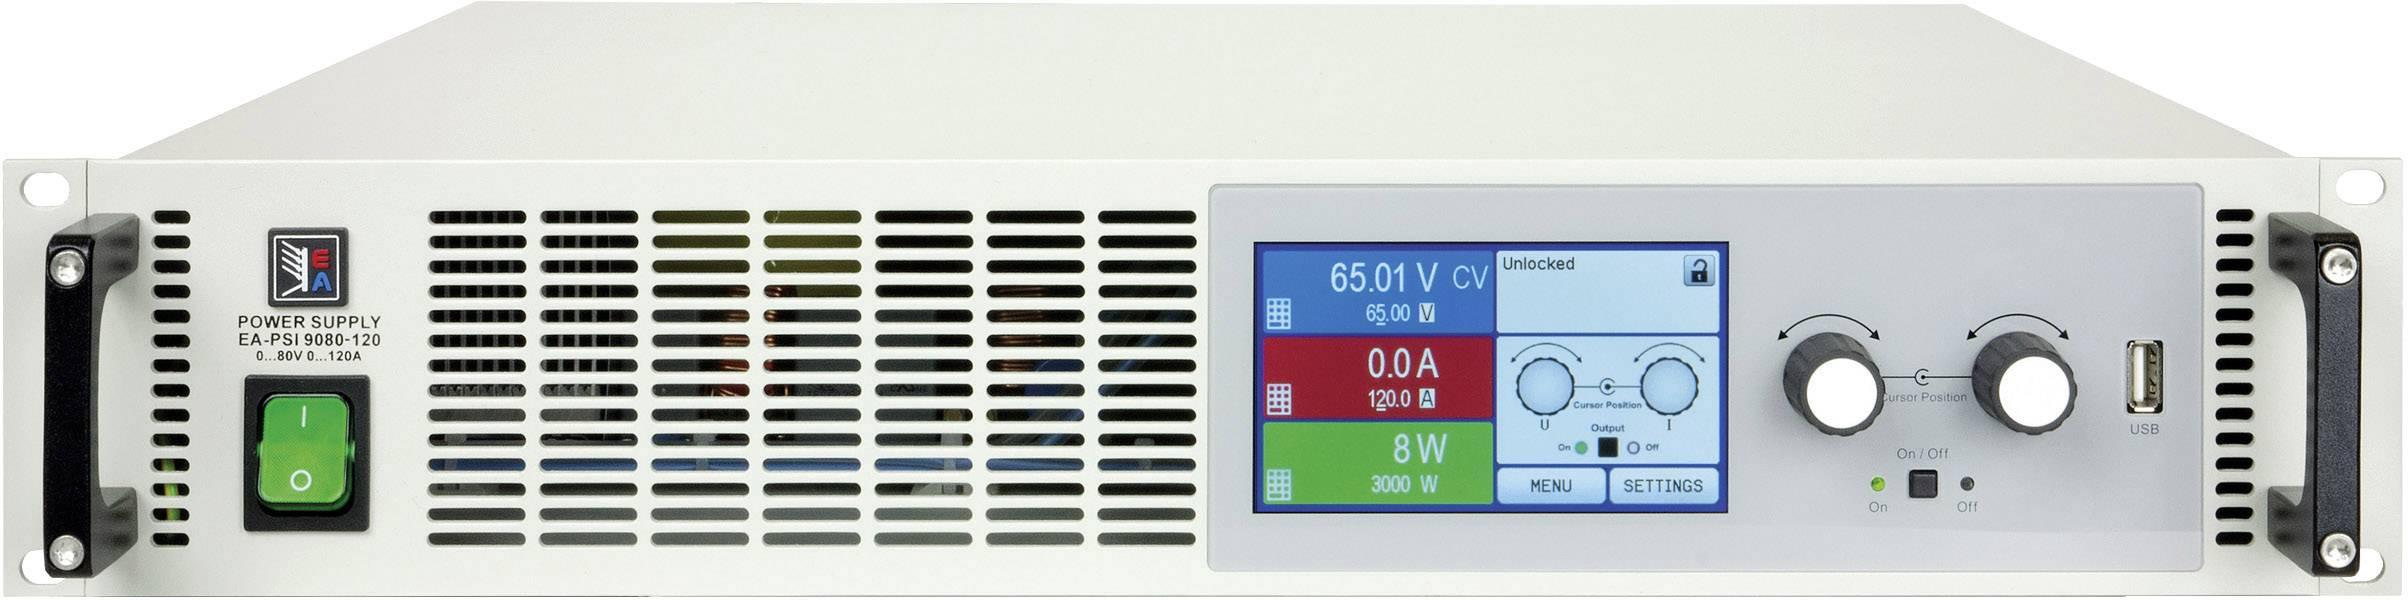 Programovateľný laboratórny zdroj EA EA-PSI 9500-20, 2U, 500 V, 20 A, 3000 W, USB